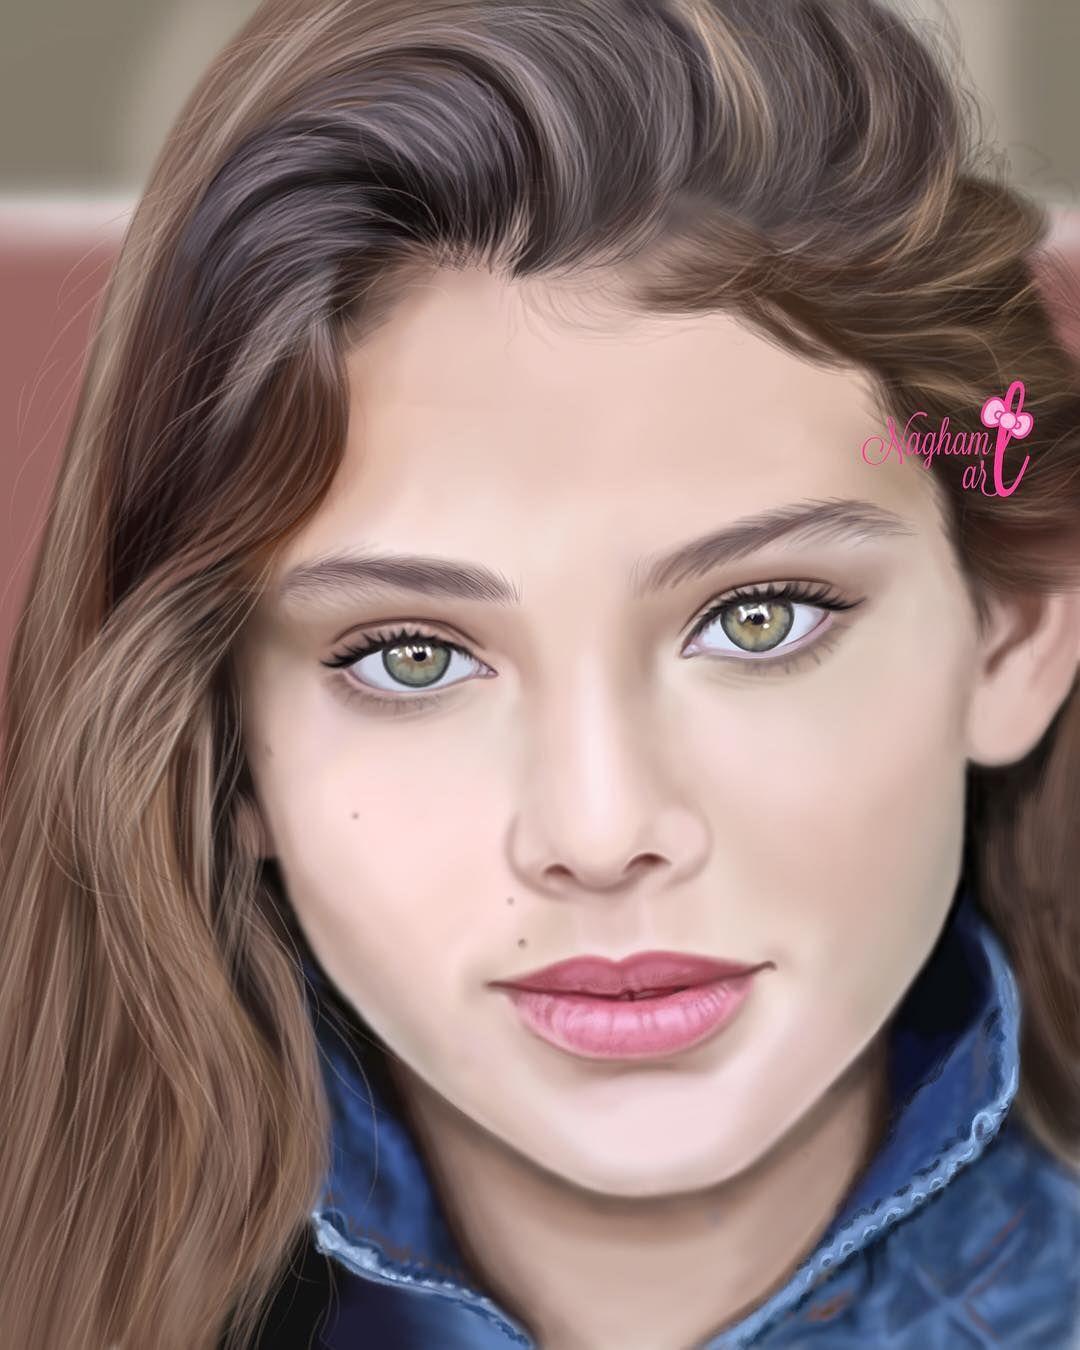 خلفيات بنات كرتونيه رمزيات كرتون للبنات Face Art Screen Wallpaper Image